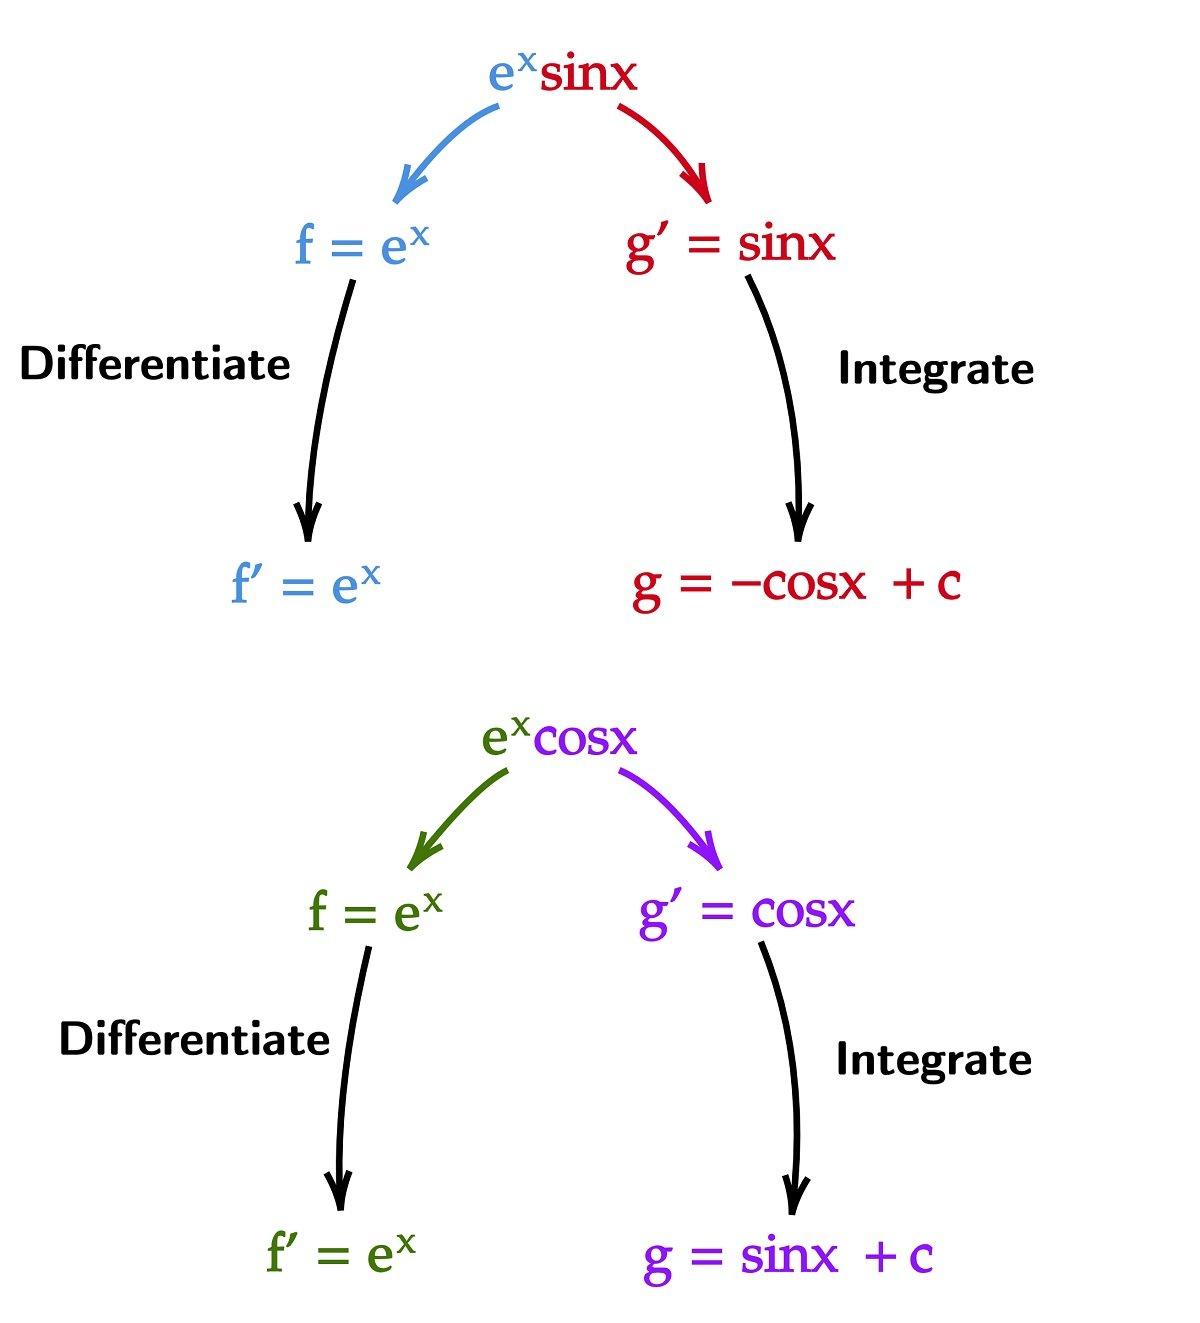 Integrate e^x sin x and e^x cos x